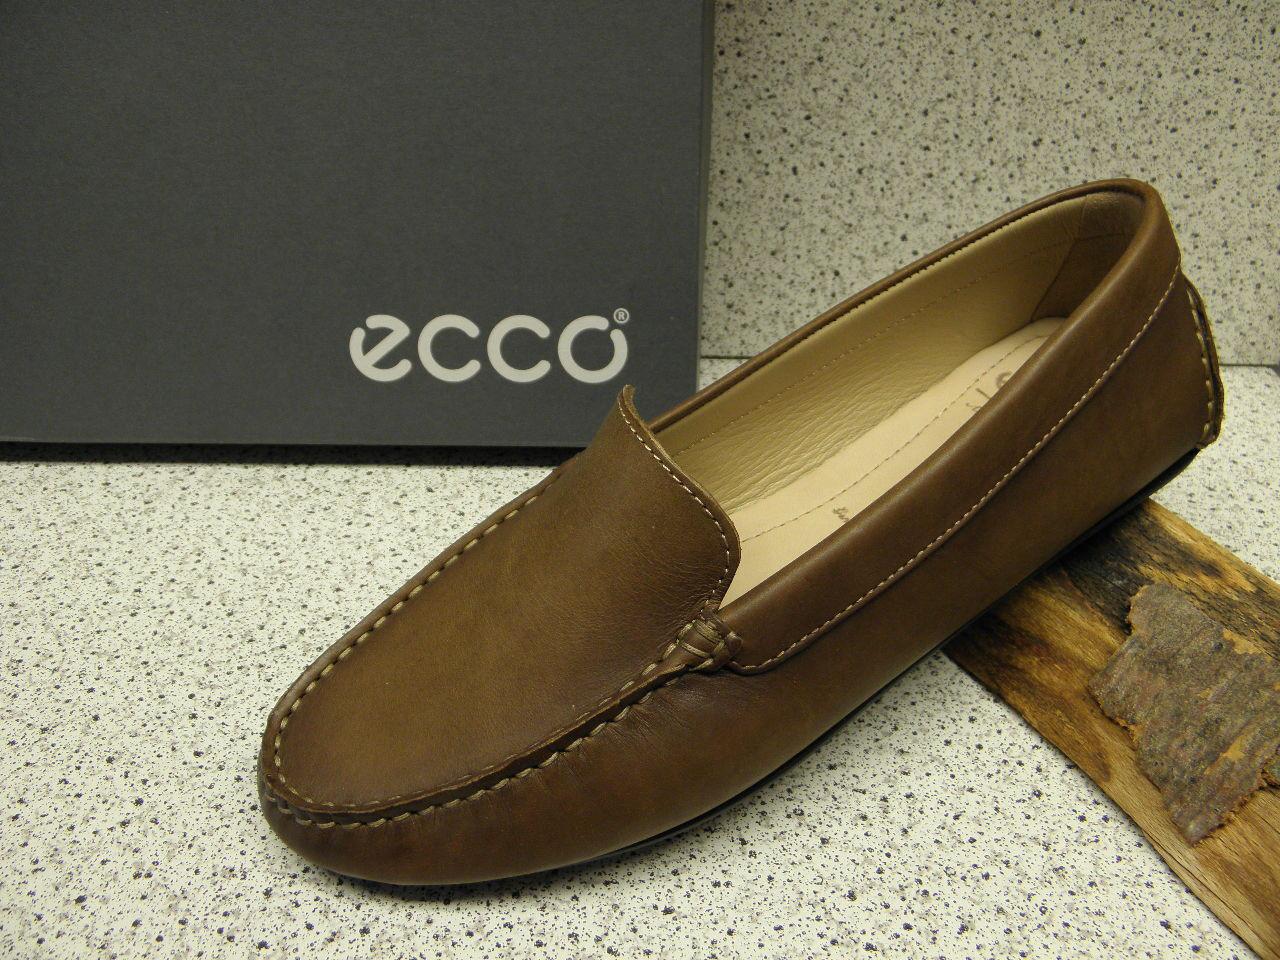 Ecco Ecco Ecco ® riduce finora  MOCASSINO + GRATIS Premium-CALZE (d996) | Eccellente  Qualità  5416fc